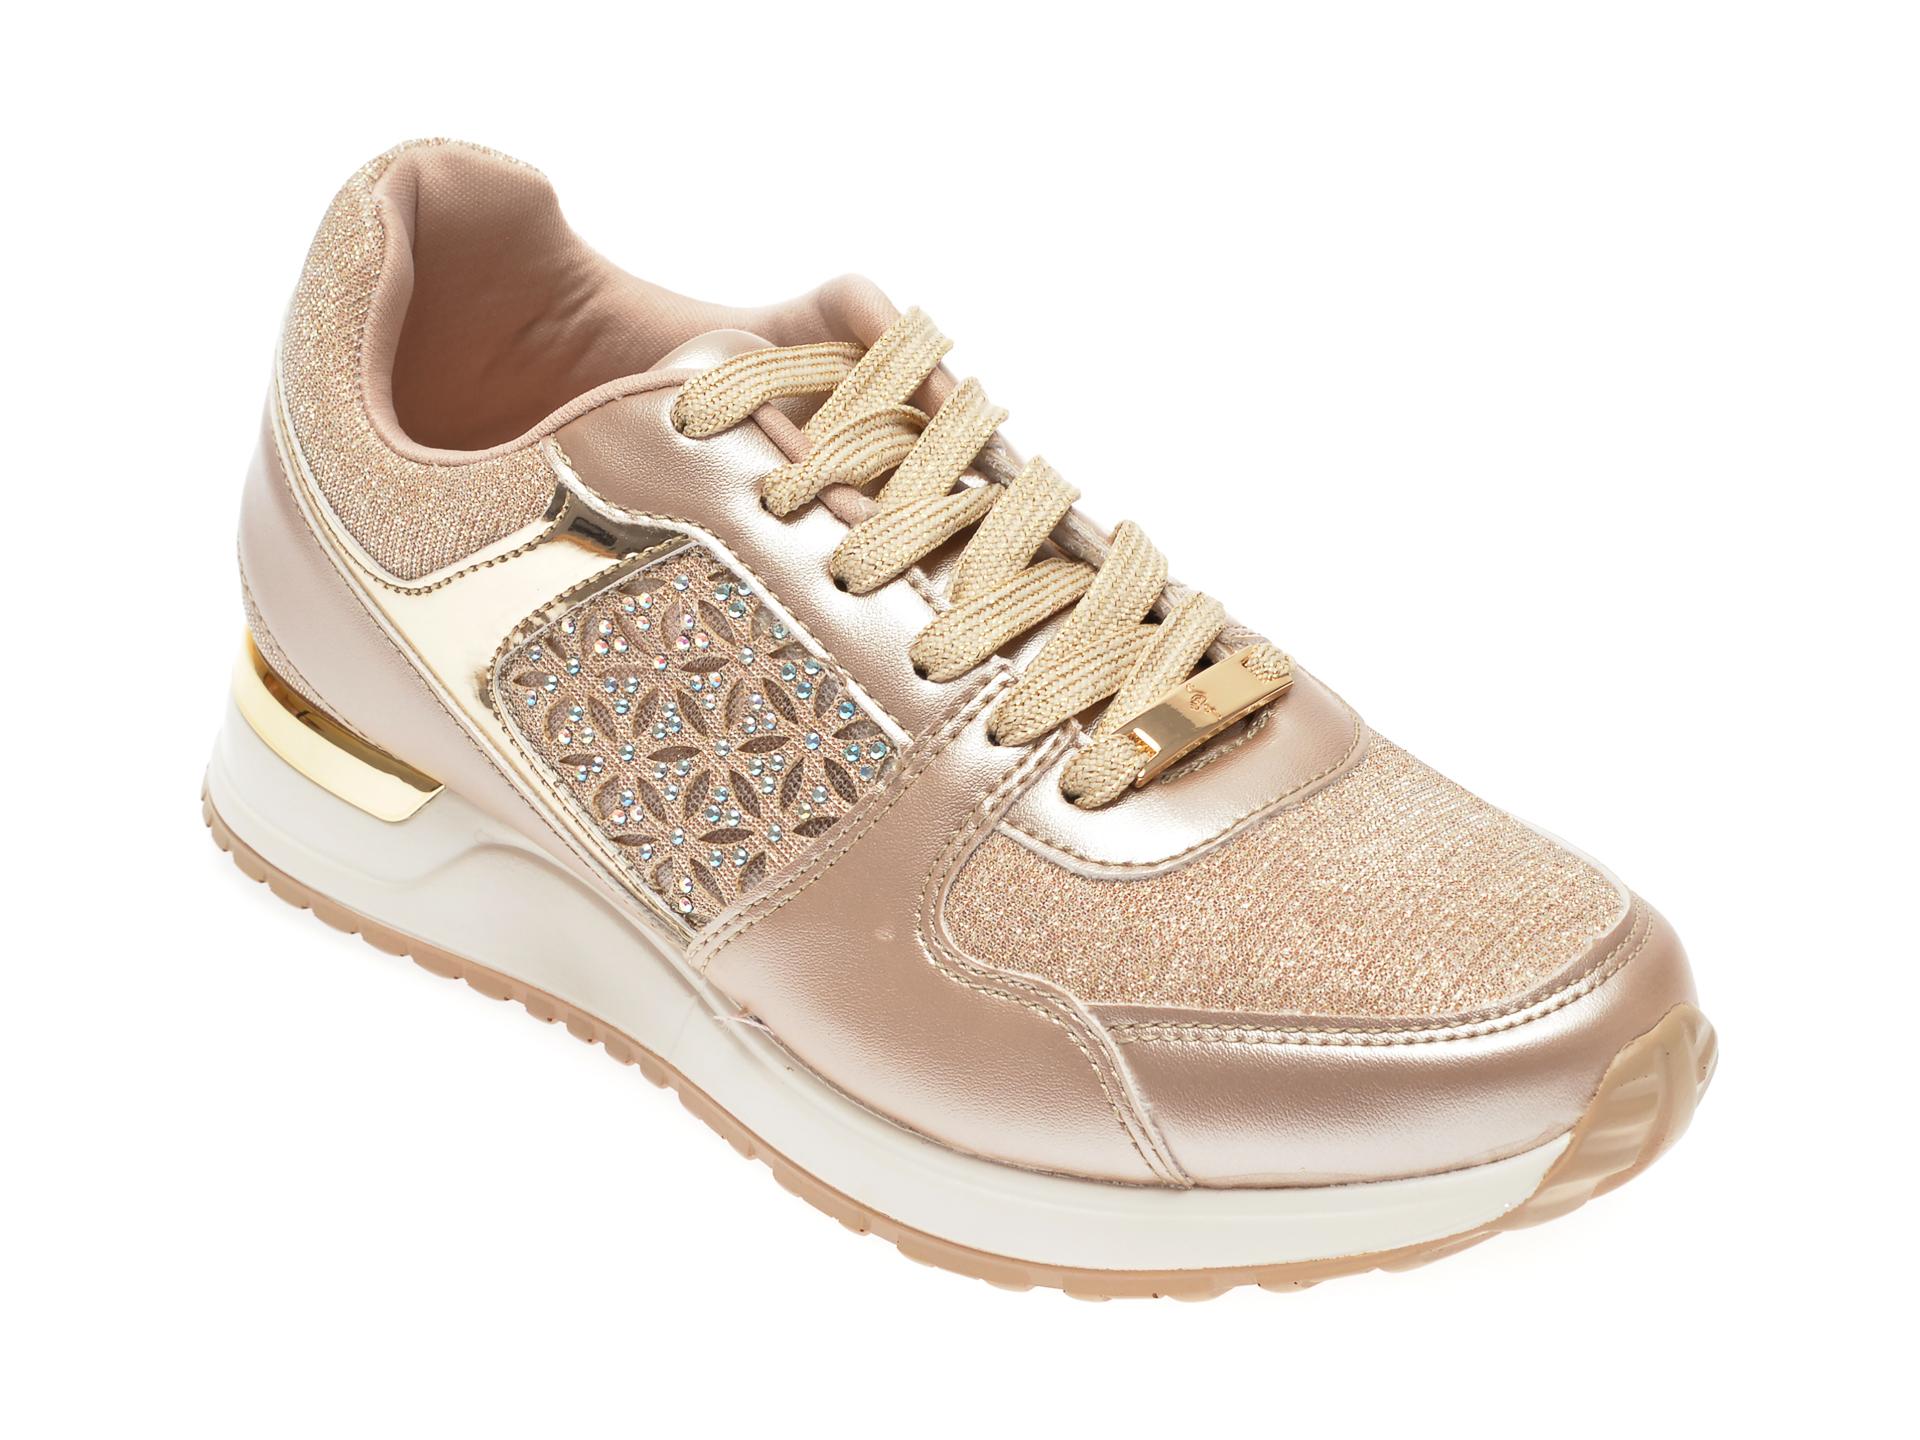 Pantofi MENBUR aurii, 21485, din piele ecologica imagine